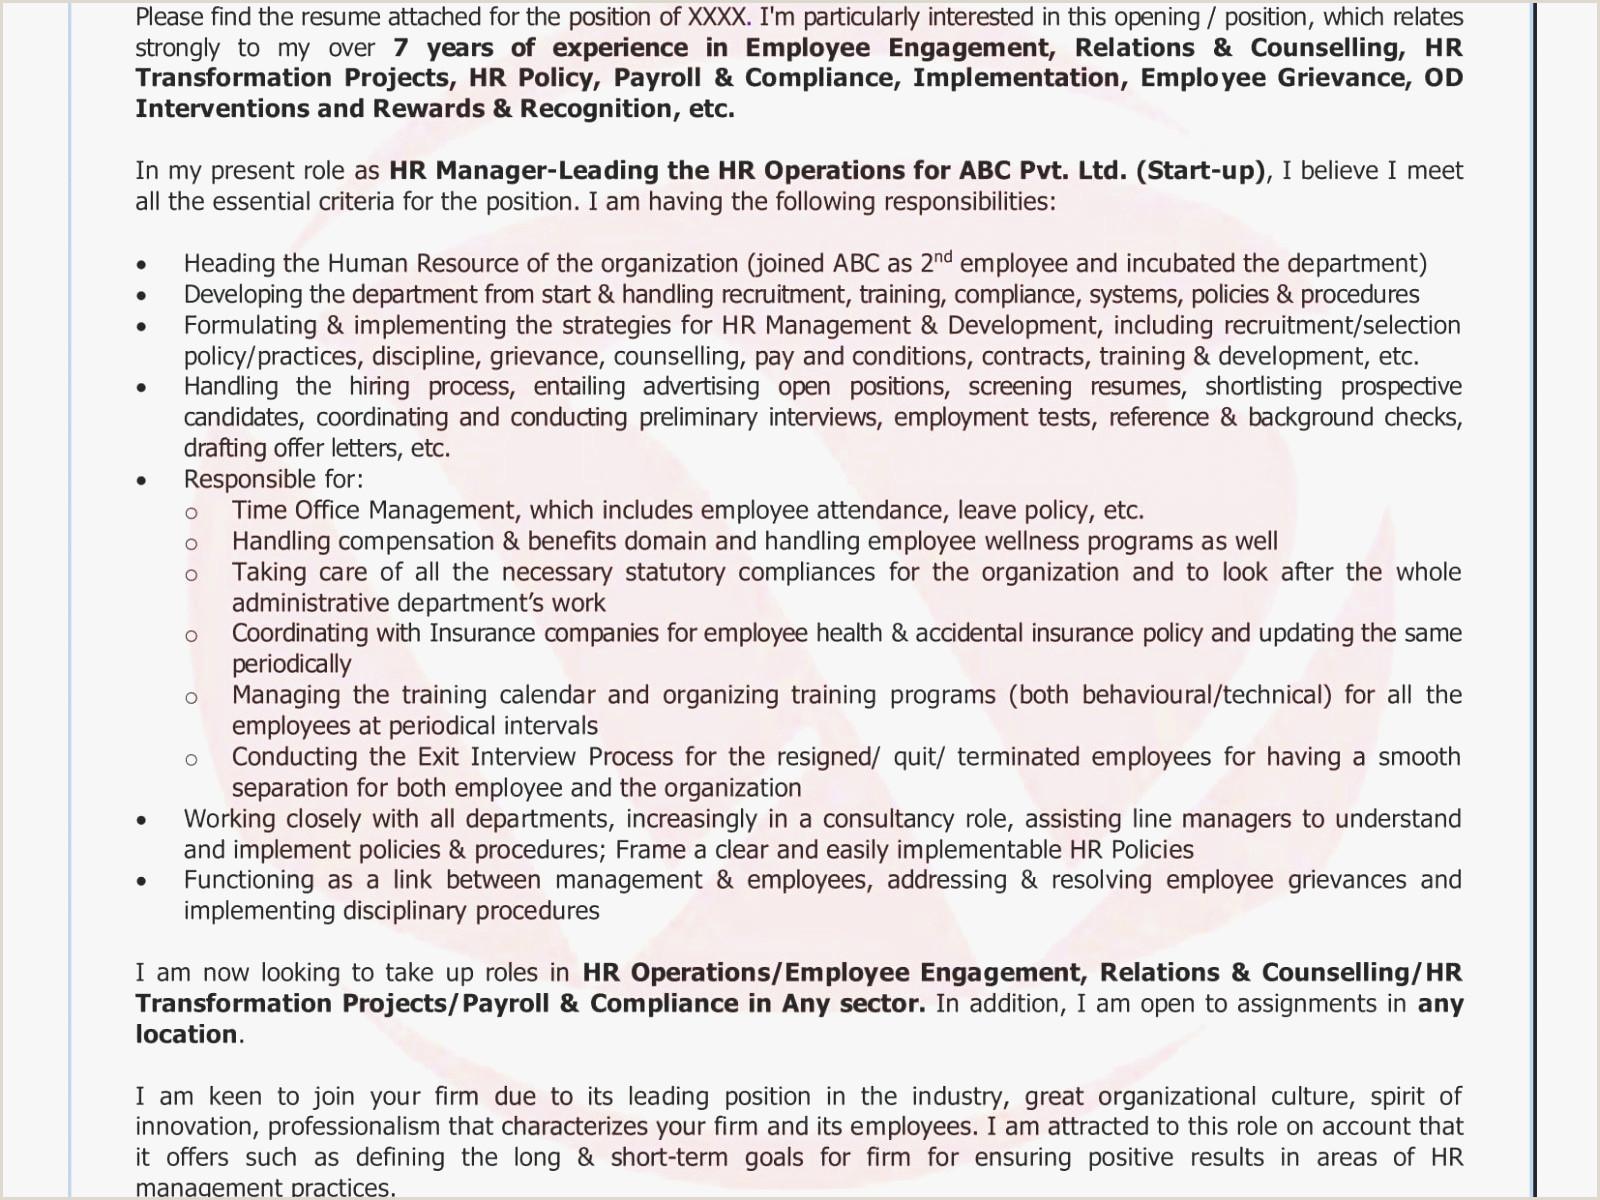 Fresher Resume Format For Cabin Crew Cover Letter Civil Engineer Resume Sample Pdf New Fresher